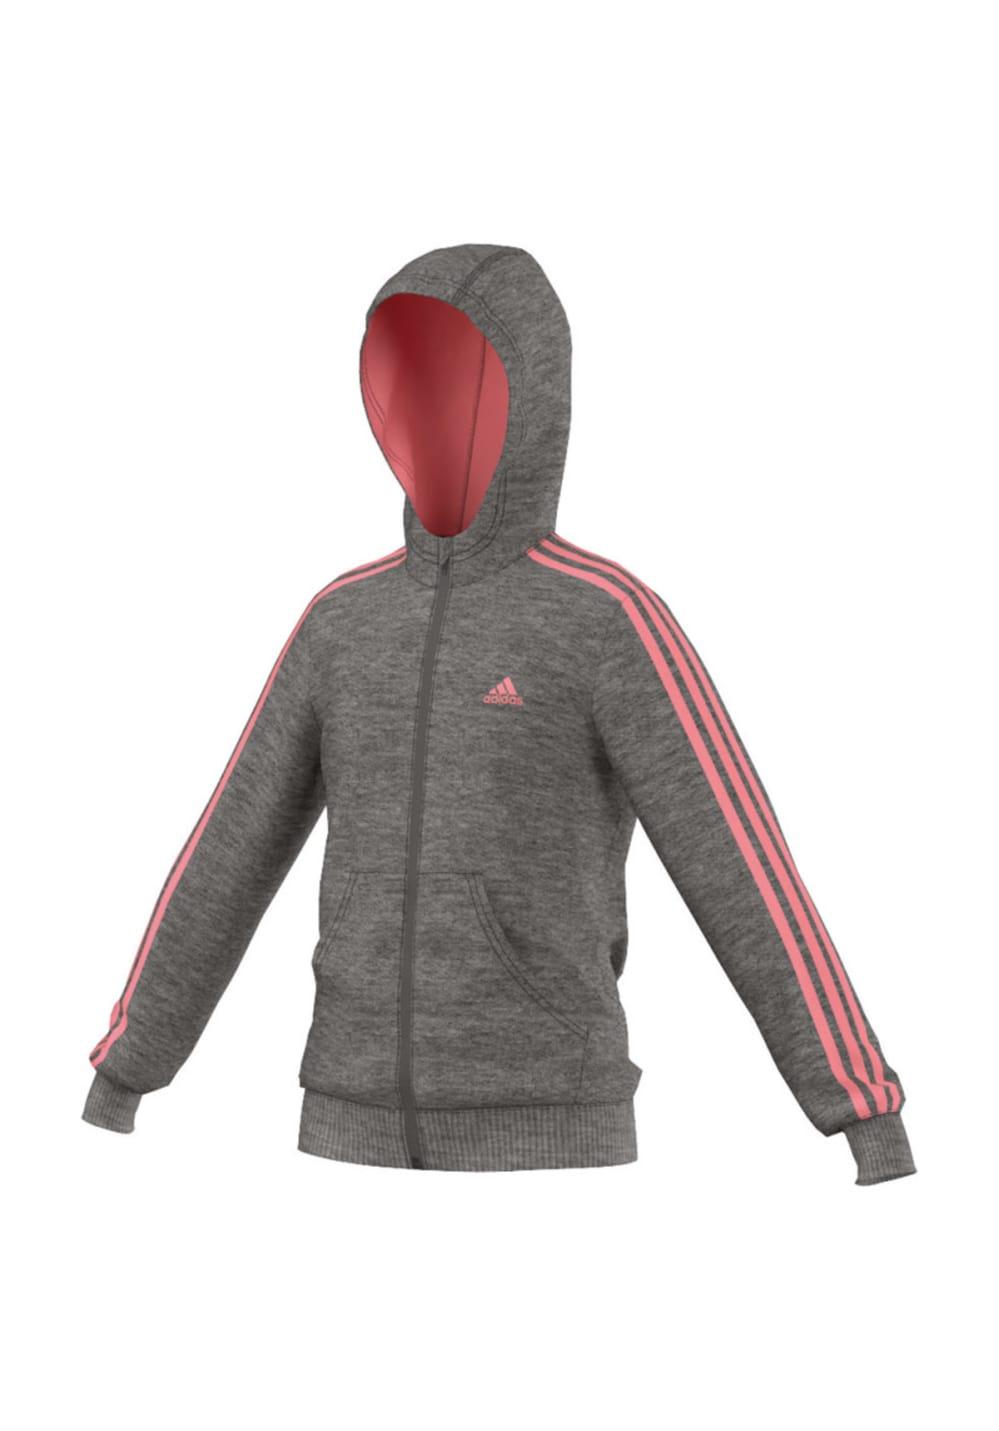 check out daeaf 34f8c essentials-3s-full-zip-hoodie-1.jpg